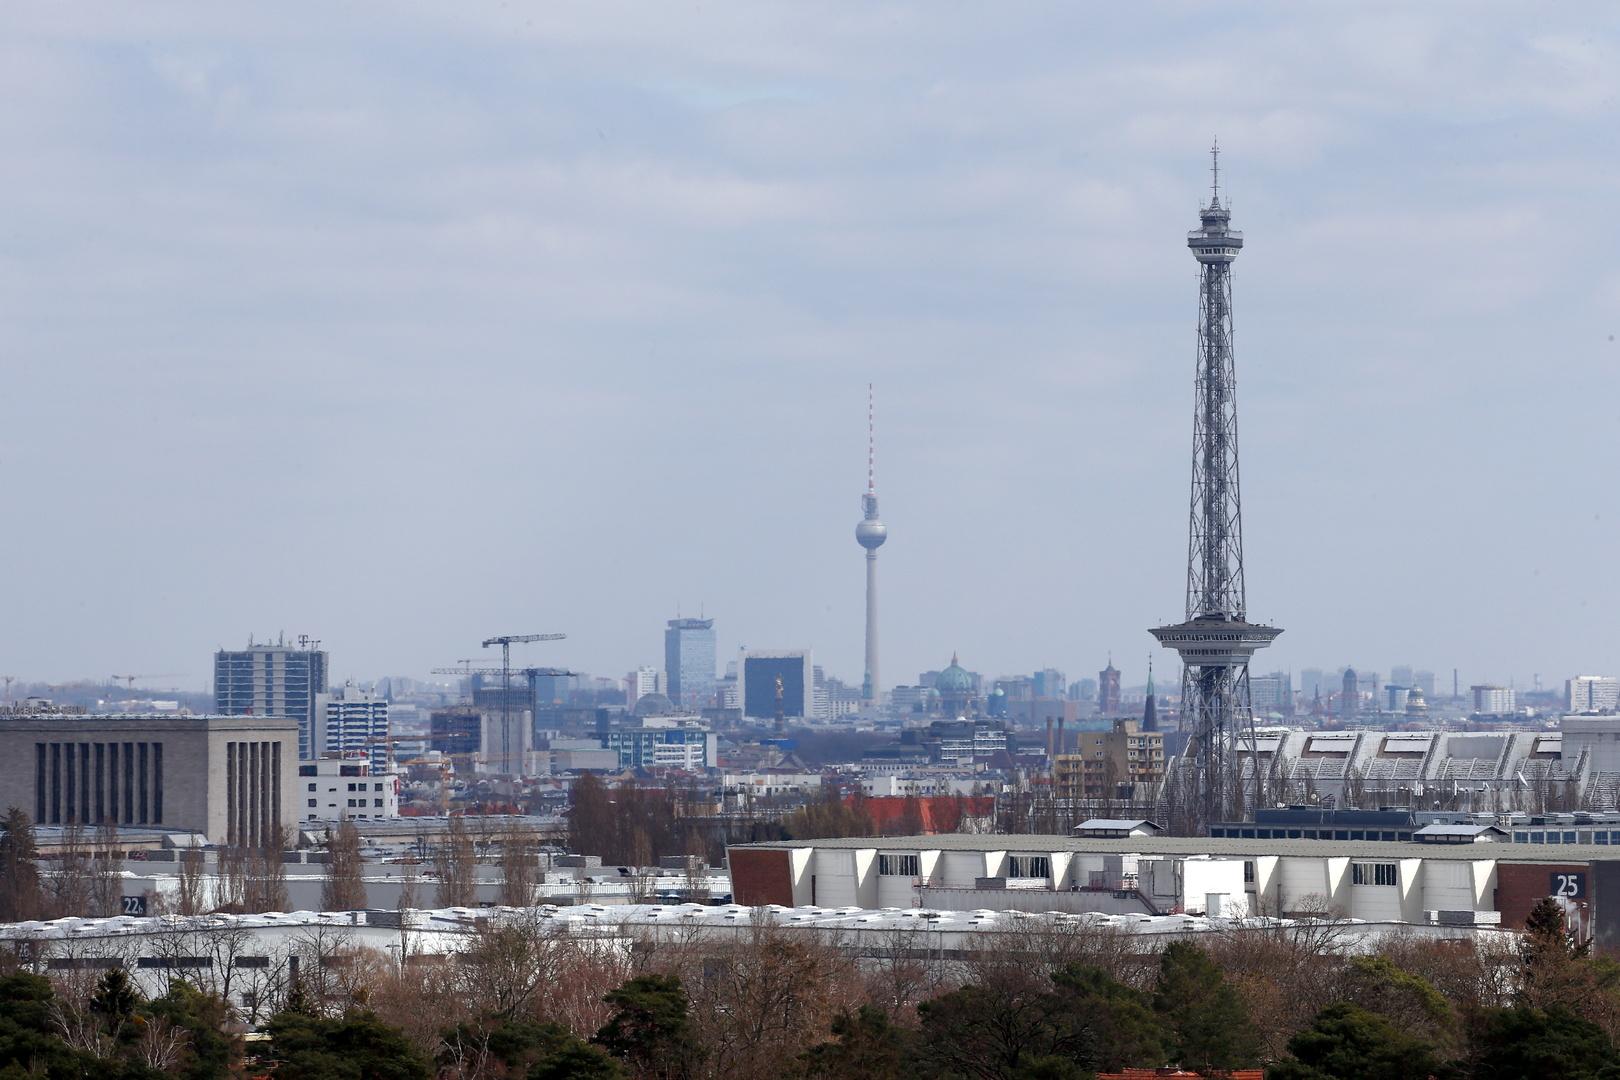 ألمانيا تخطط لرفع قيود السفر بداية من 1 يوليو بشروط